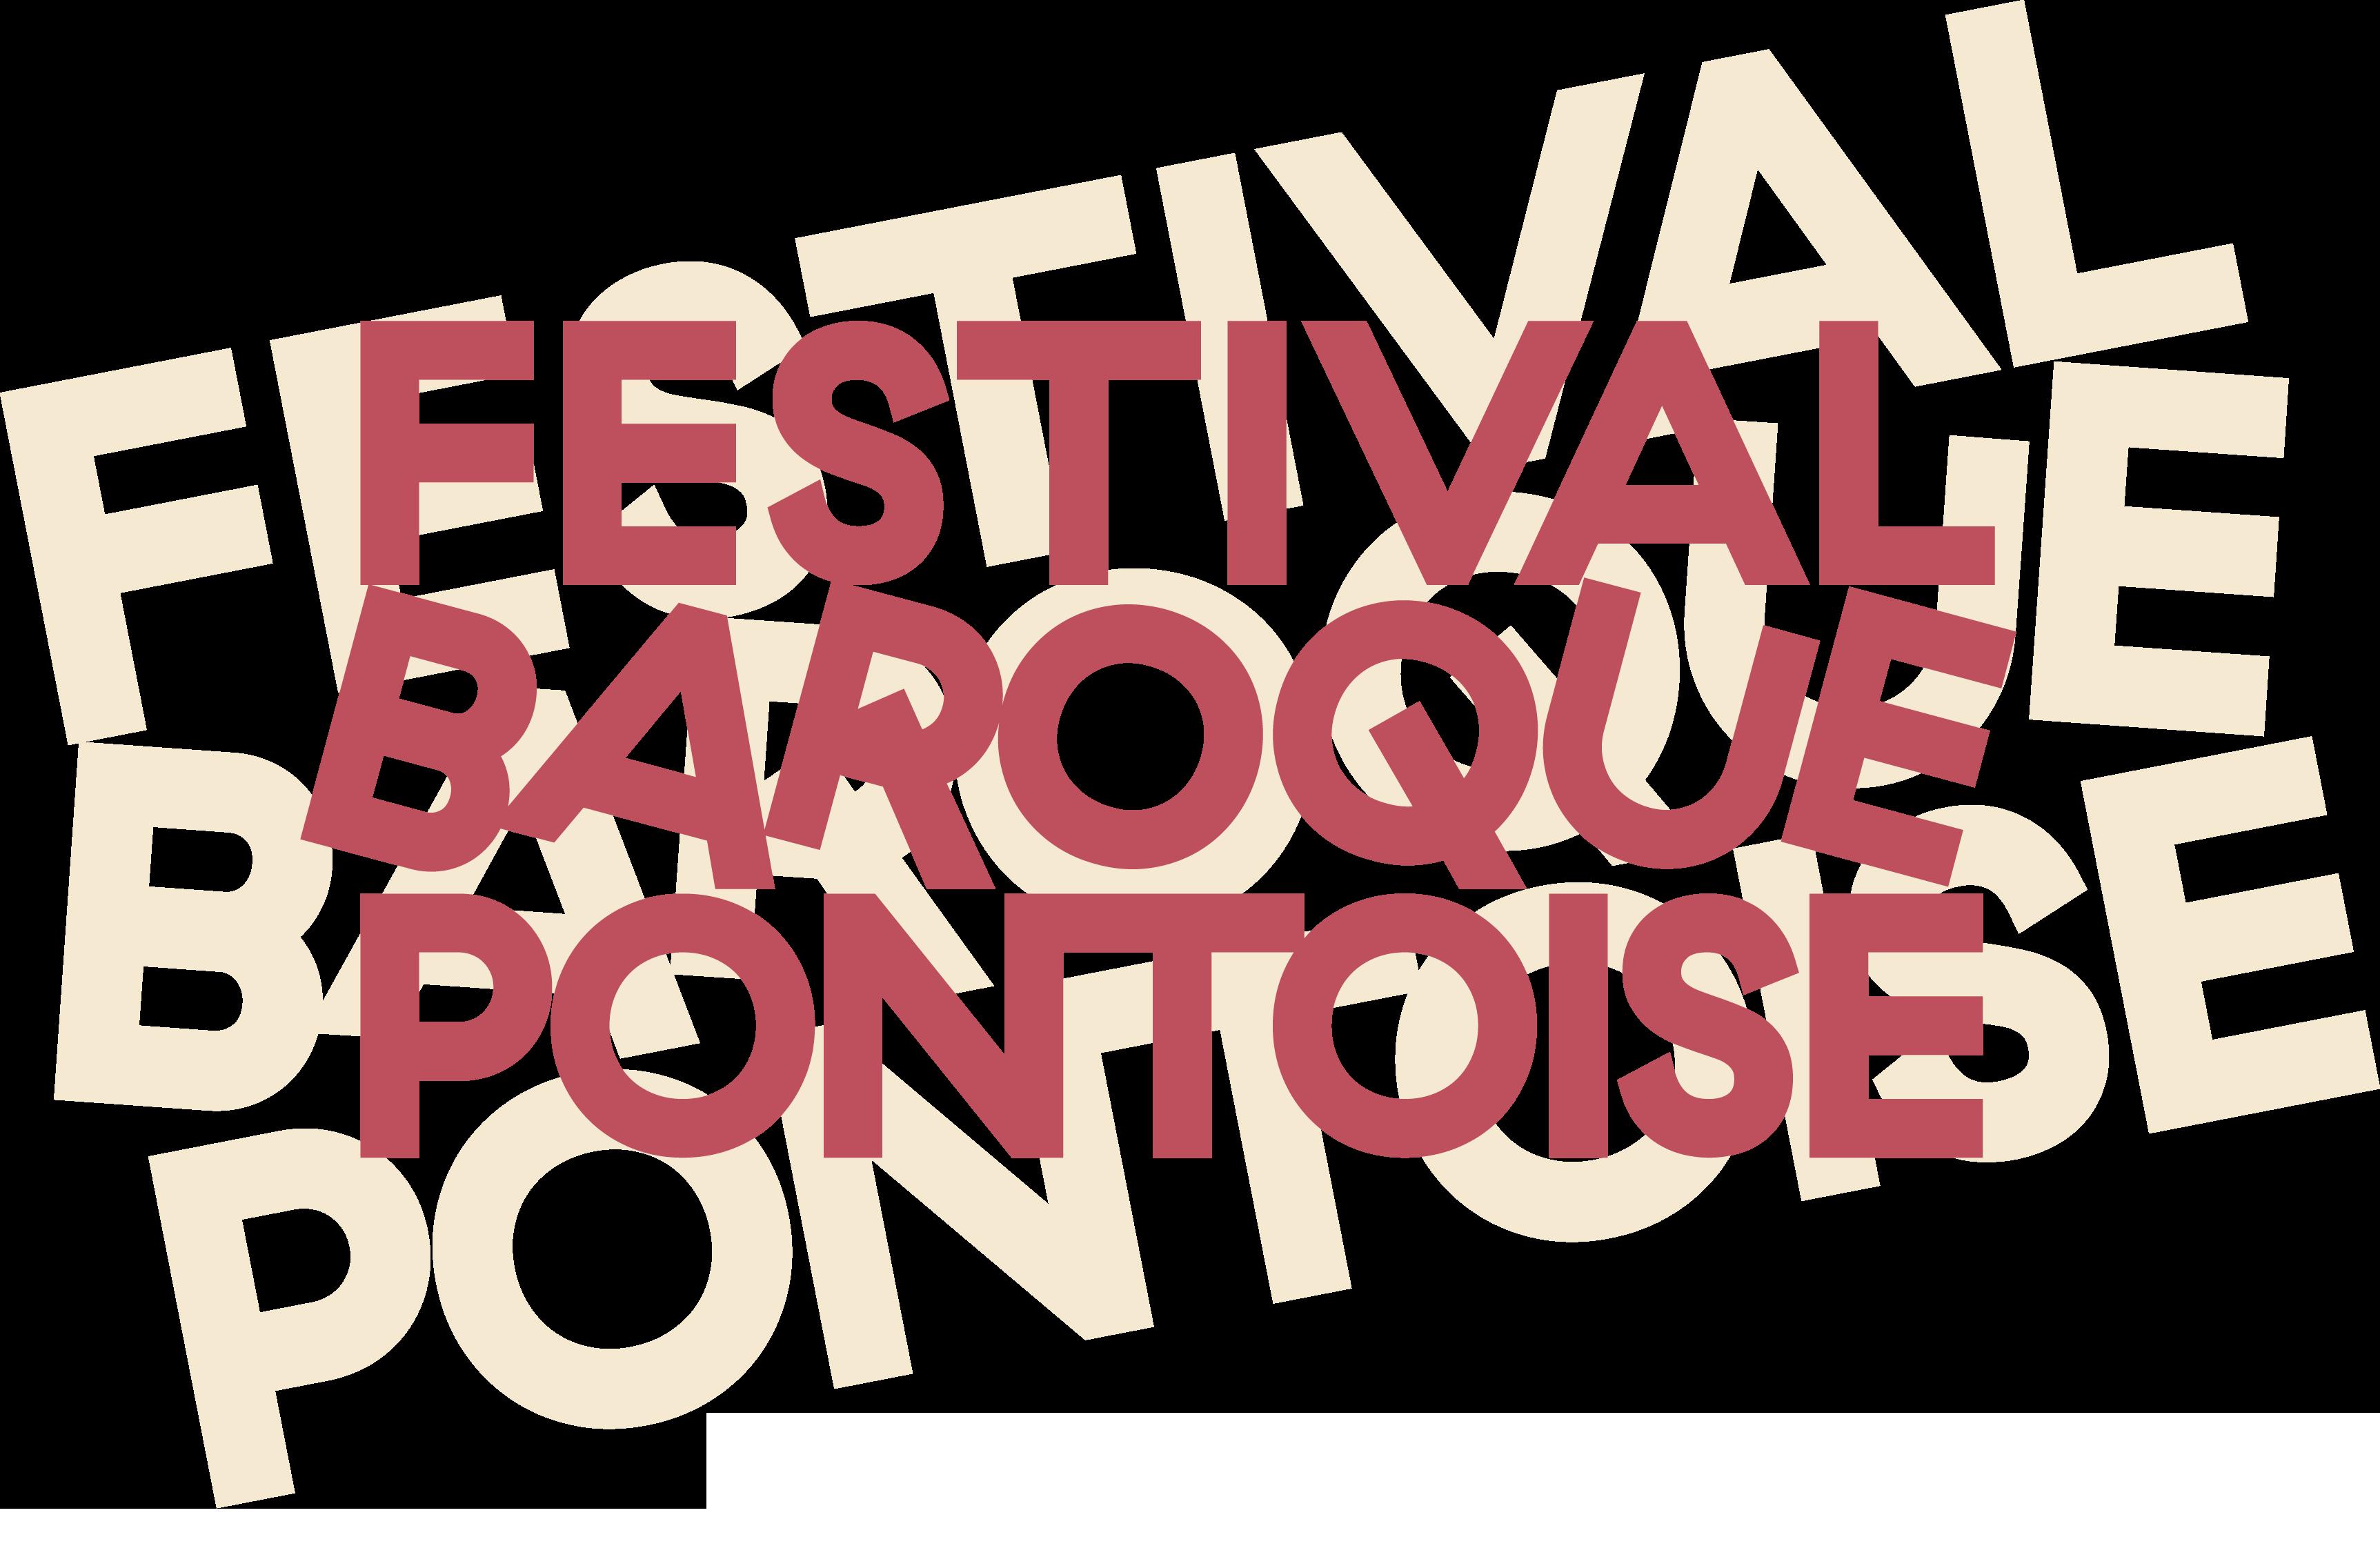 logo_festival baroque pontoise festival annonce classiquenews FBP2021